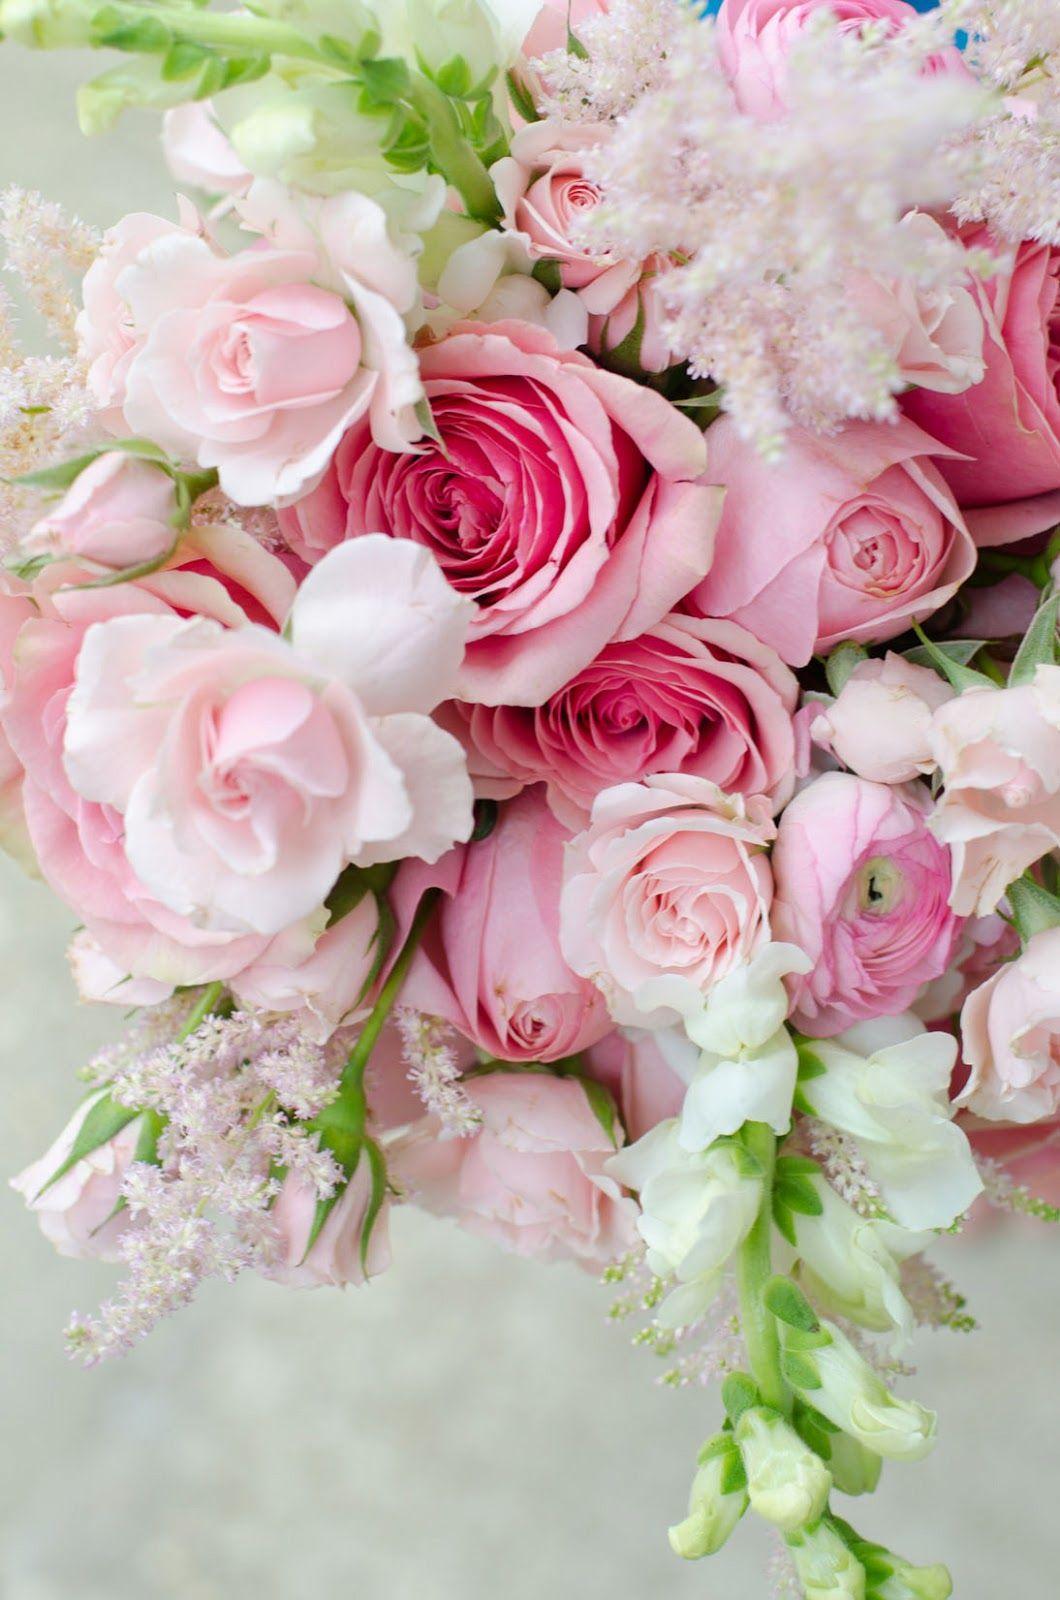 Top 46 beautiful pink flowers for your garden landscape designs top 46 beautiful pink flowers for your garden mightylinksfo